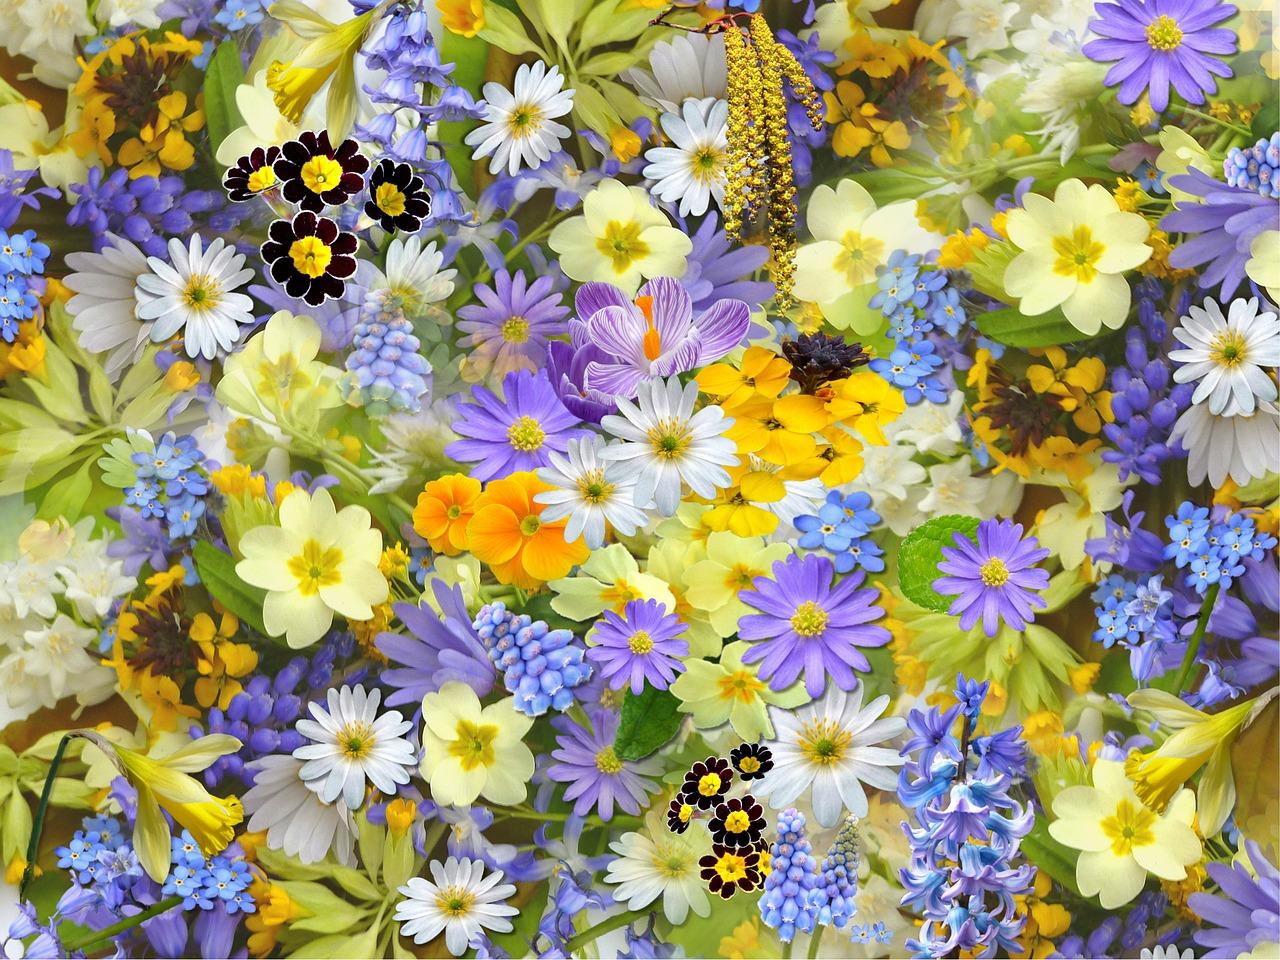 spring-flowers-110671_1280.jpg